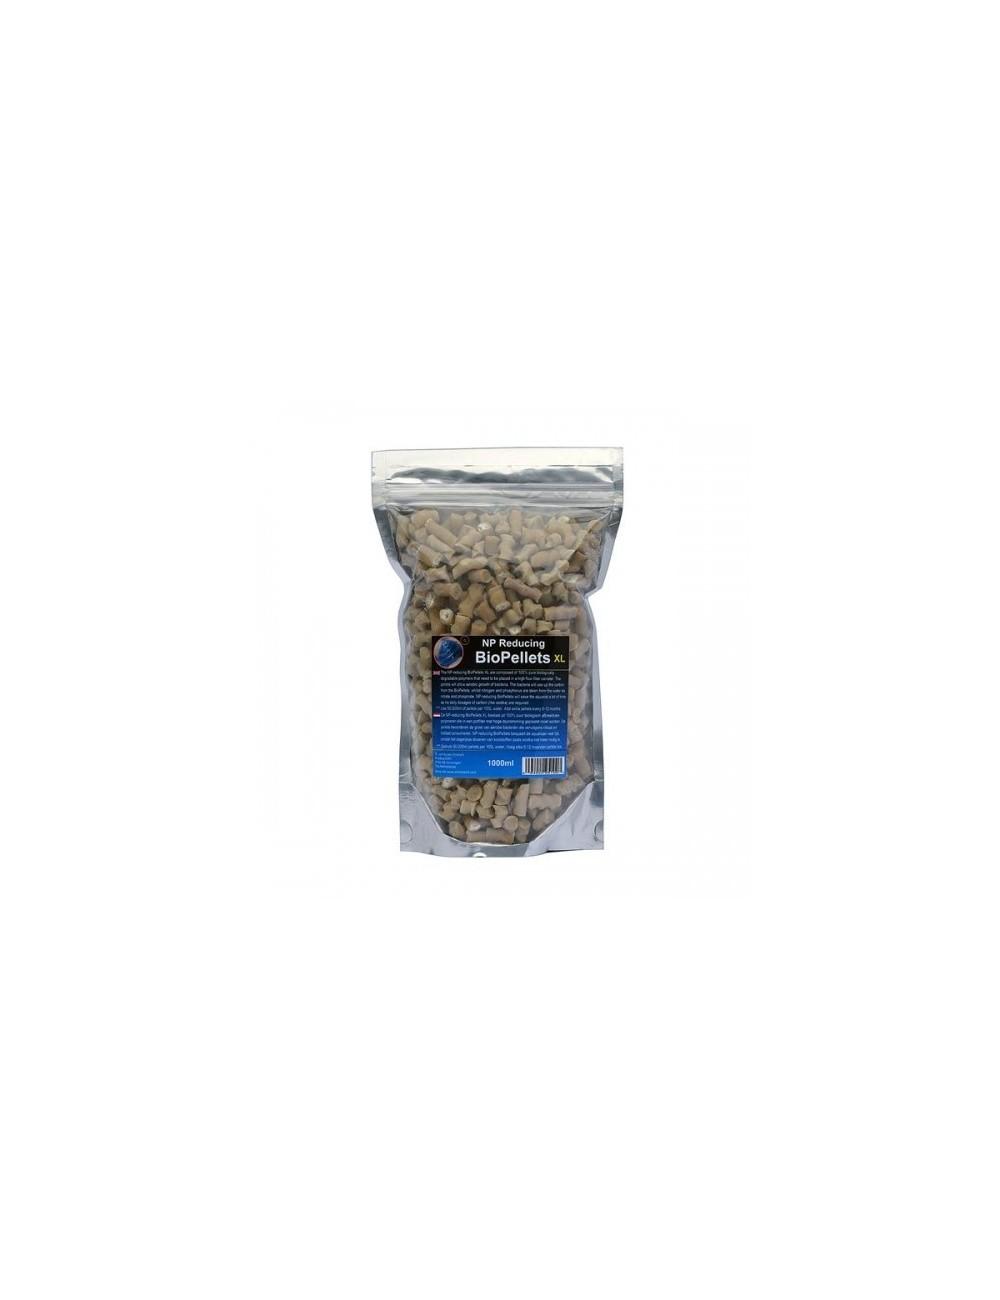 N/P Reducing BioPellets XL 250ml - 185gr